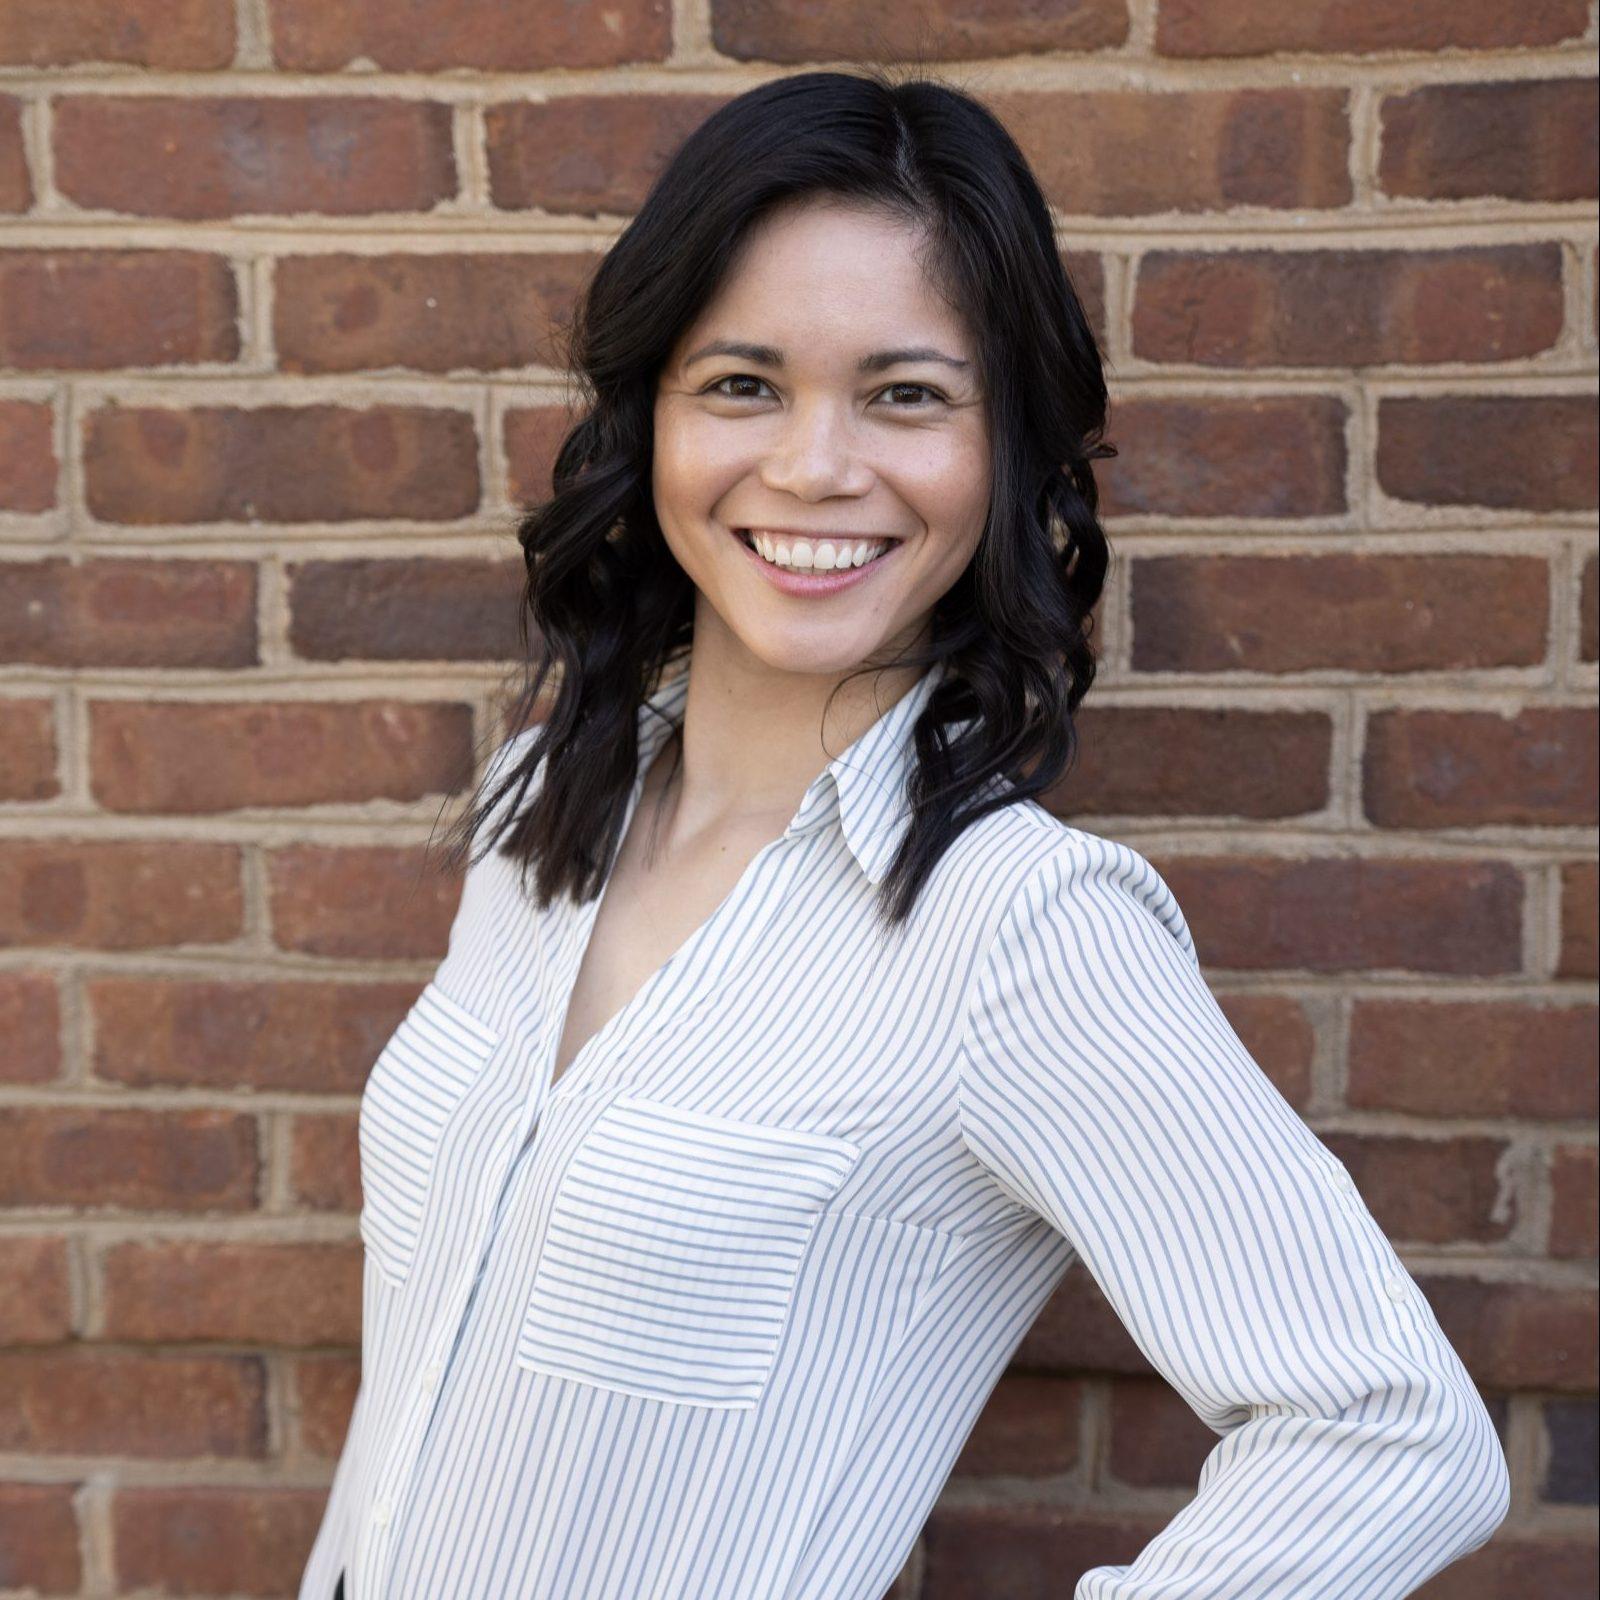 Headshot of Cheyenne Kiddy on a brick background.